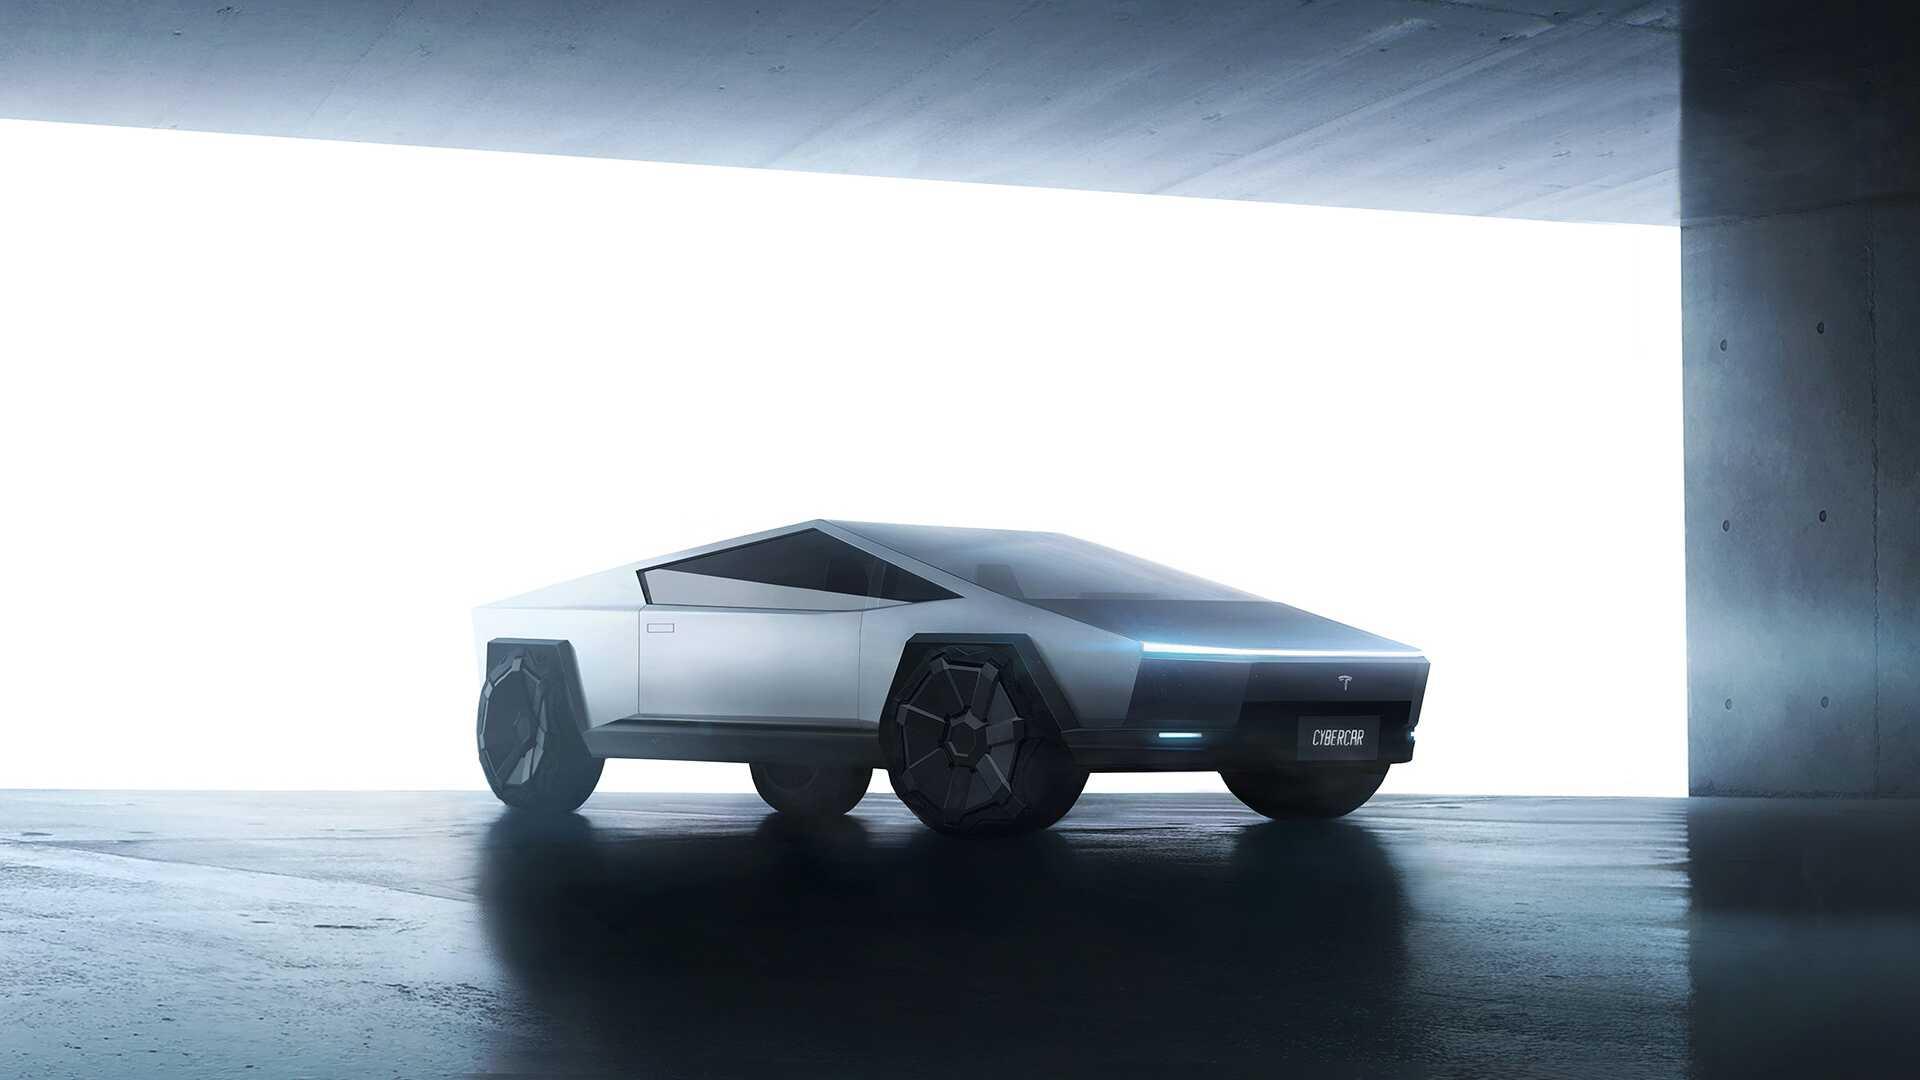 Проверьте этот двухдверный Tesla Cybertruck, превращенный в автомобиль-купе